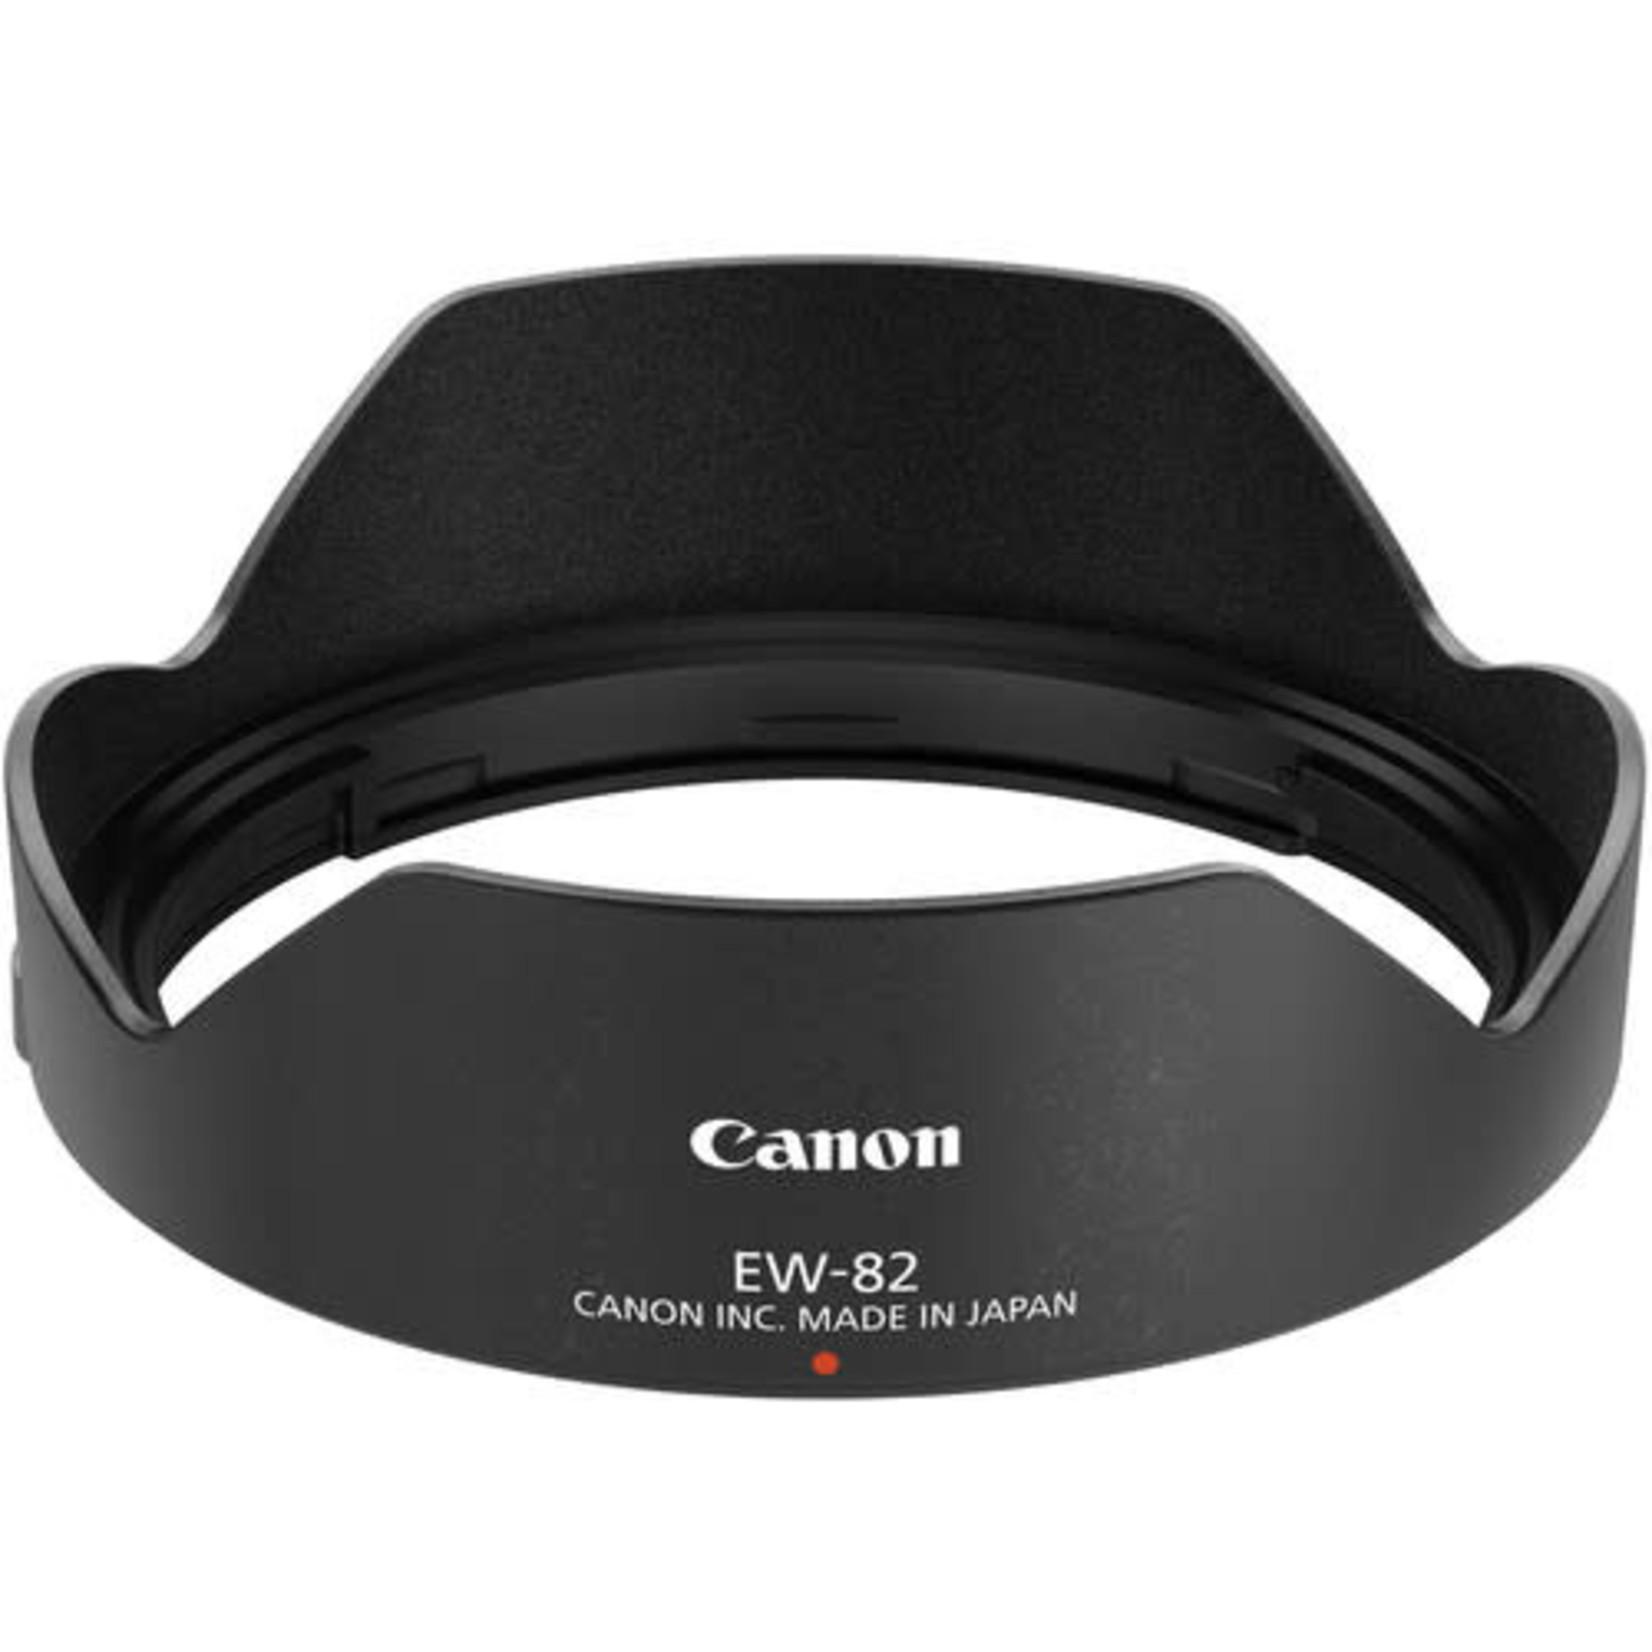 Canon Canon EW-82 Lens Hood